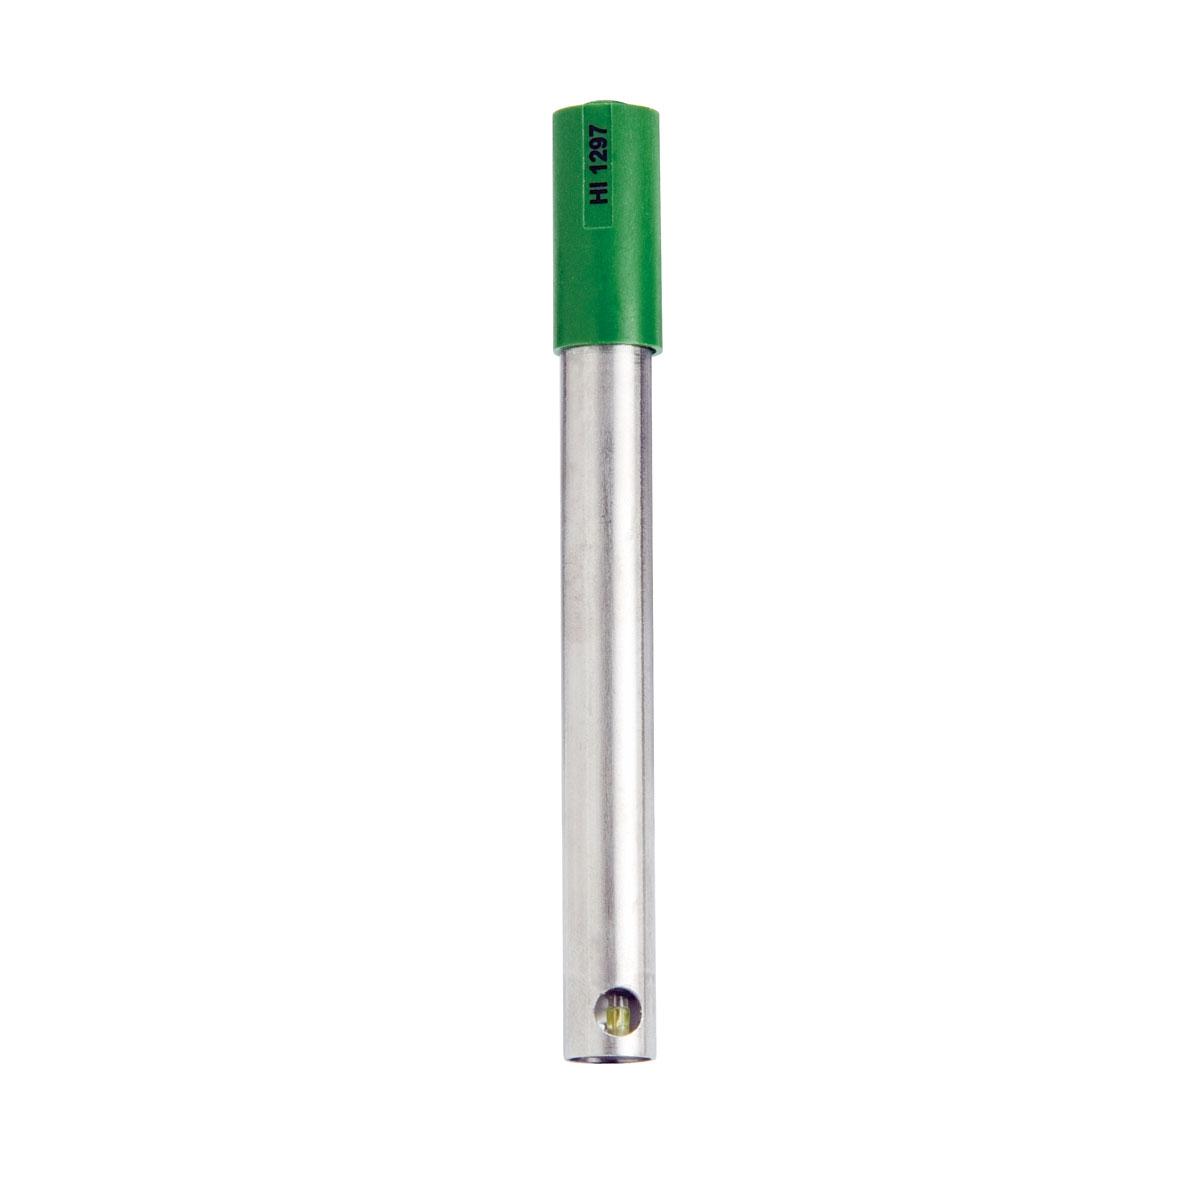 Electrodo de pH/ORP con Cuerpo de Titanio y Conector DIN para Análisis de Tratamiento de Agua - HI1297D